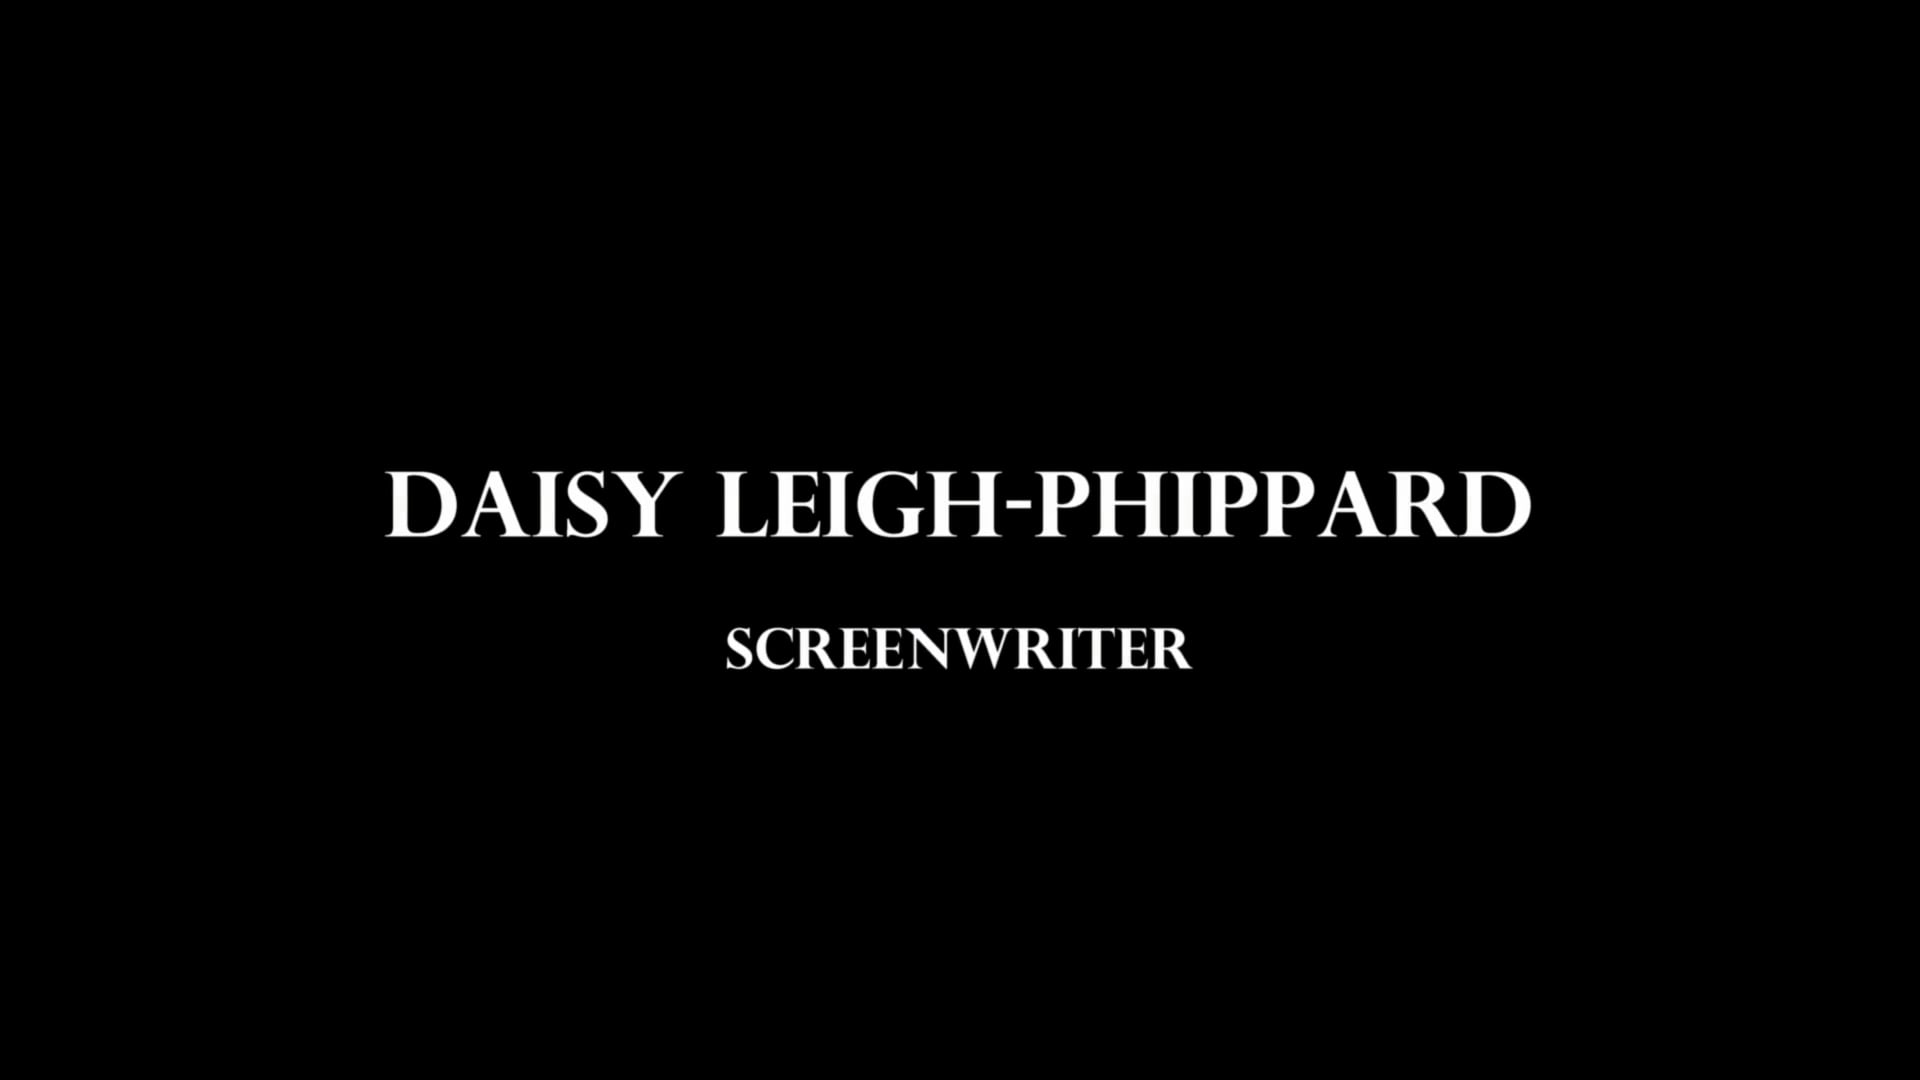 Daisy Leigh-Phippard - Writing Showreel